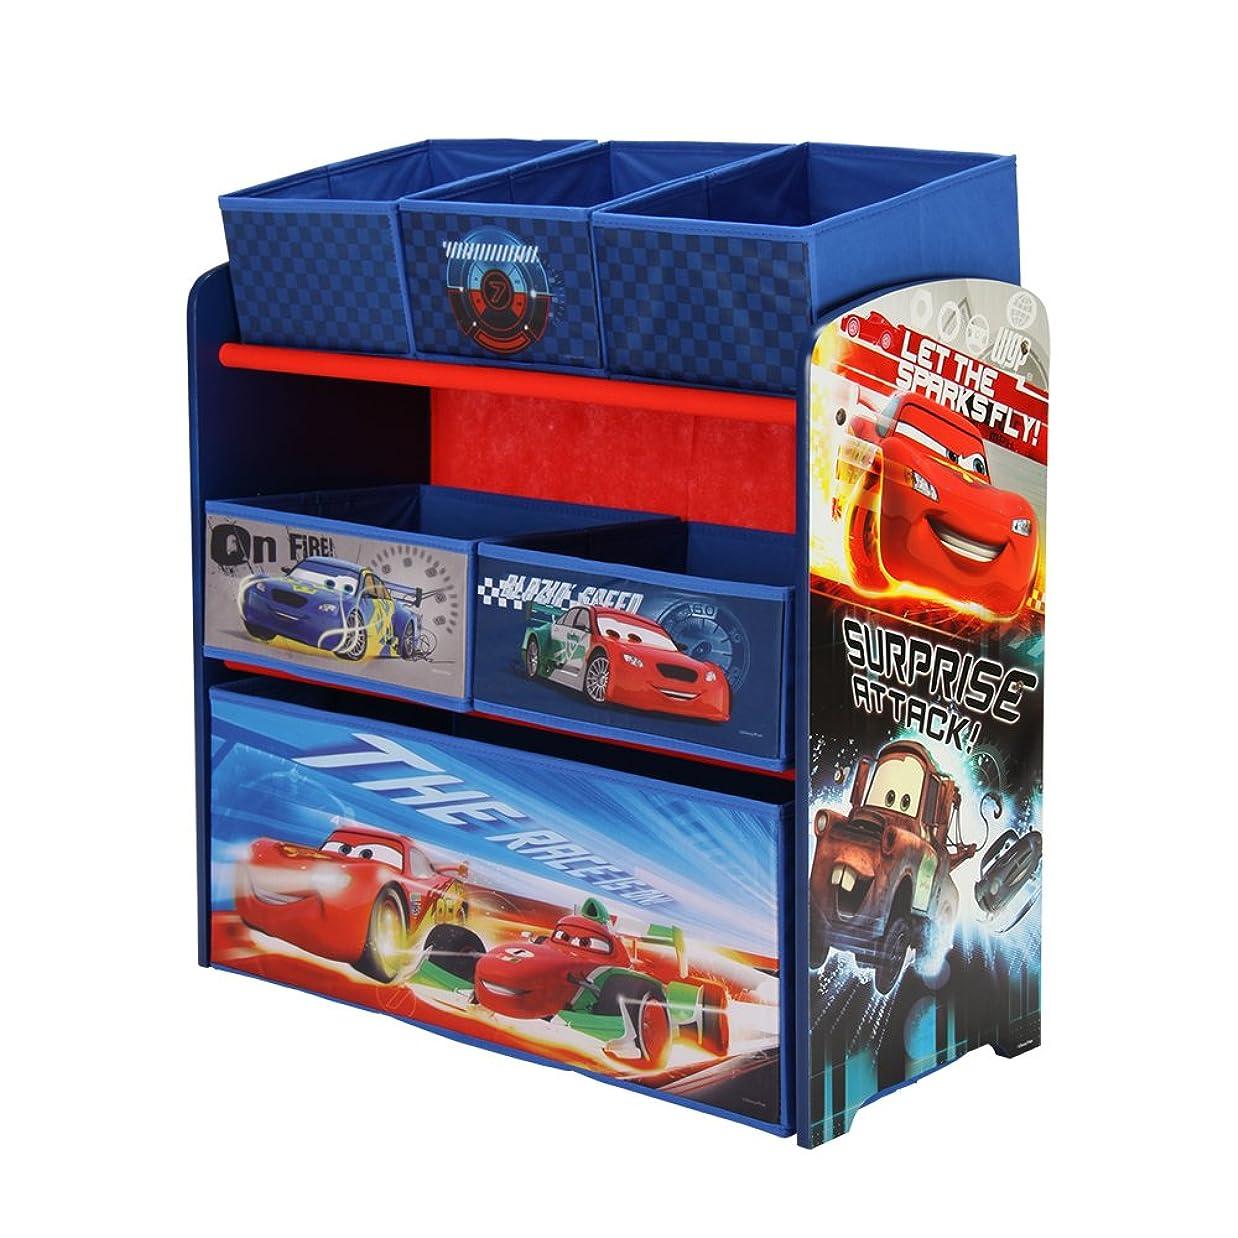 マントタンパク質タクシーDELTA [ デルタ ] おもちゃ箱&子供用家具 TB84822CR Disney Cars ディズニーカーズ Multi Bin Organizer Rainbow Loomの特典付 [並行輸入品]